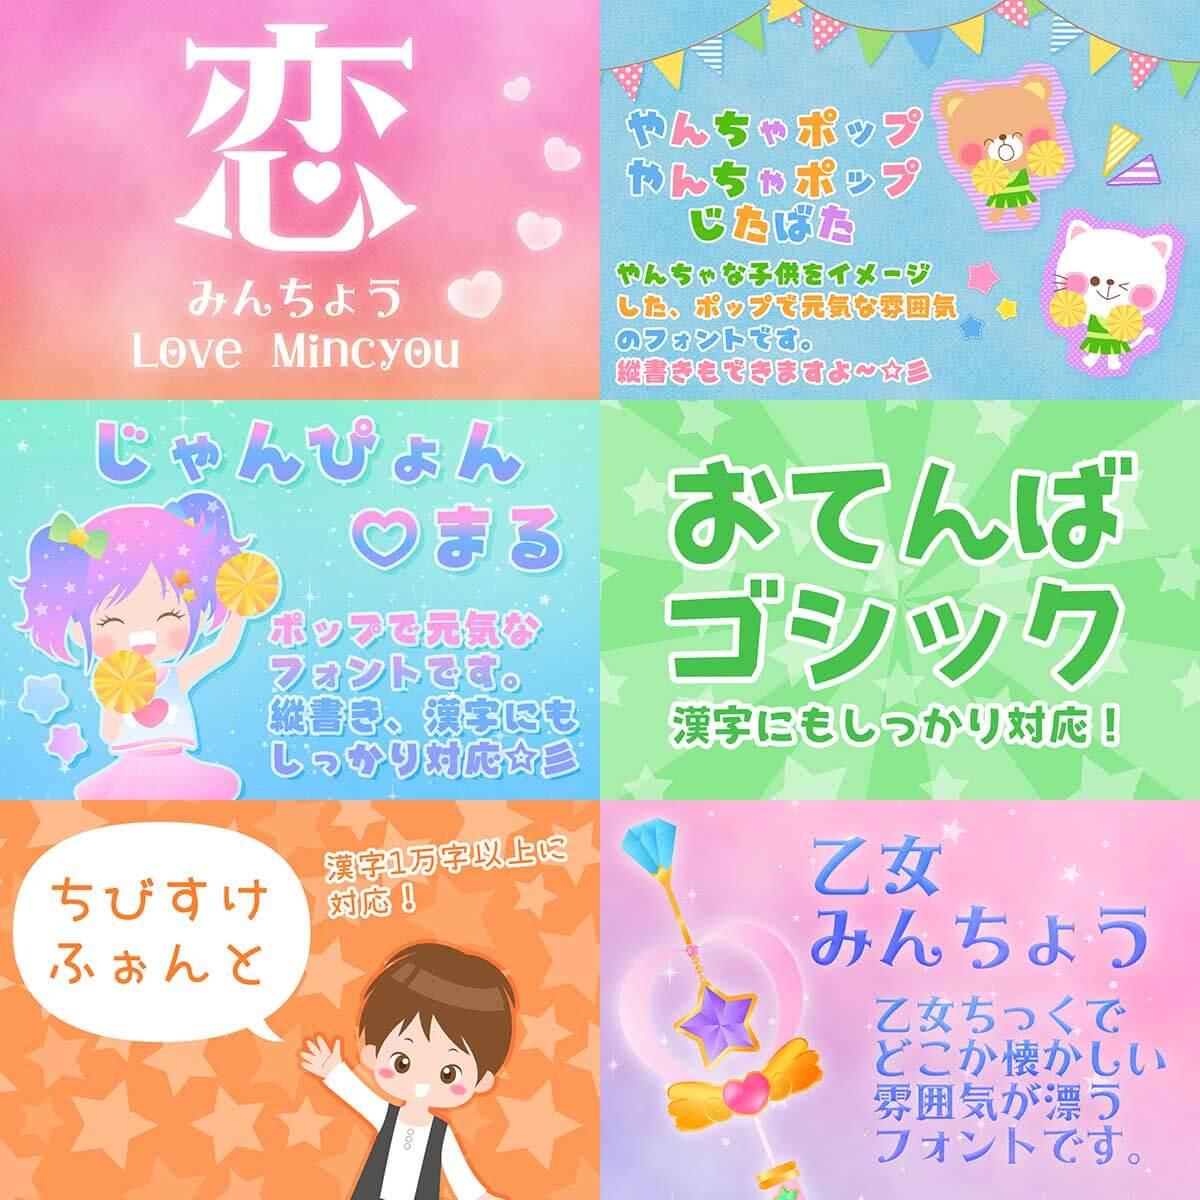 世界一可愛くてポップな日本語フォント集